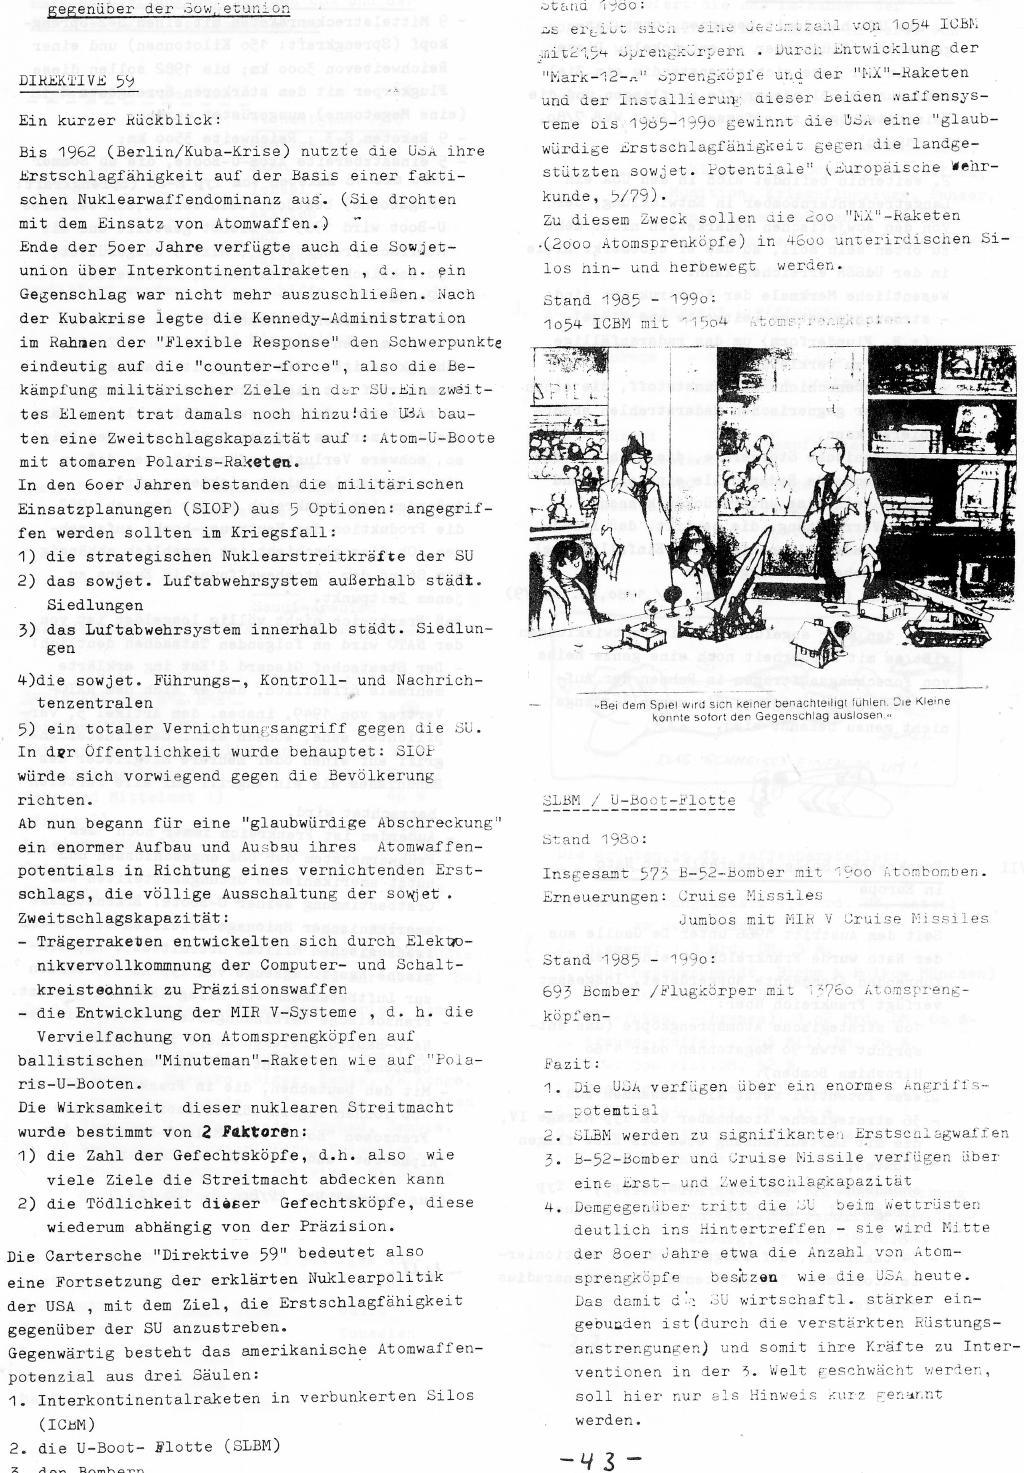 Bremen_1980_NATO_Broschuere_43